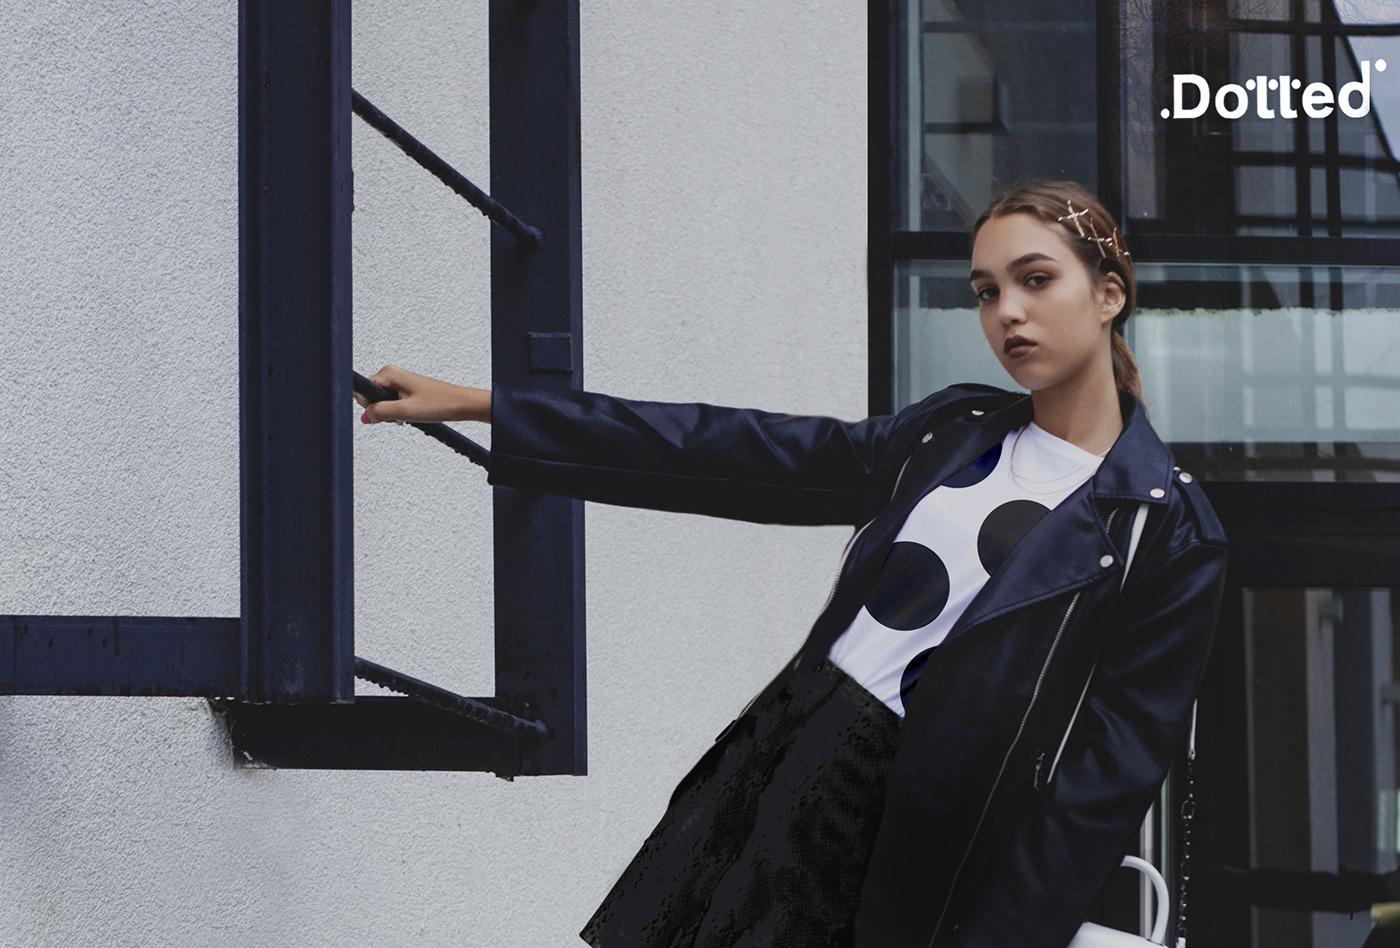 black Photography  motion store Advertising  Fashion  Retail Logo Design photoshop Bojana Knezevic